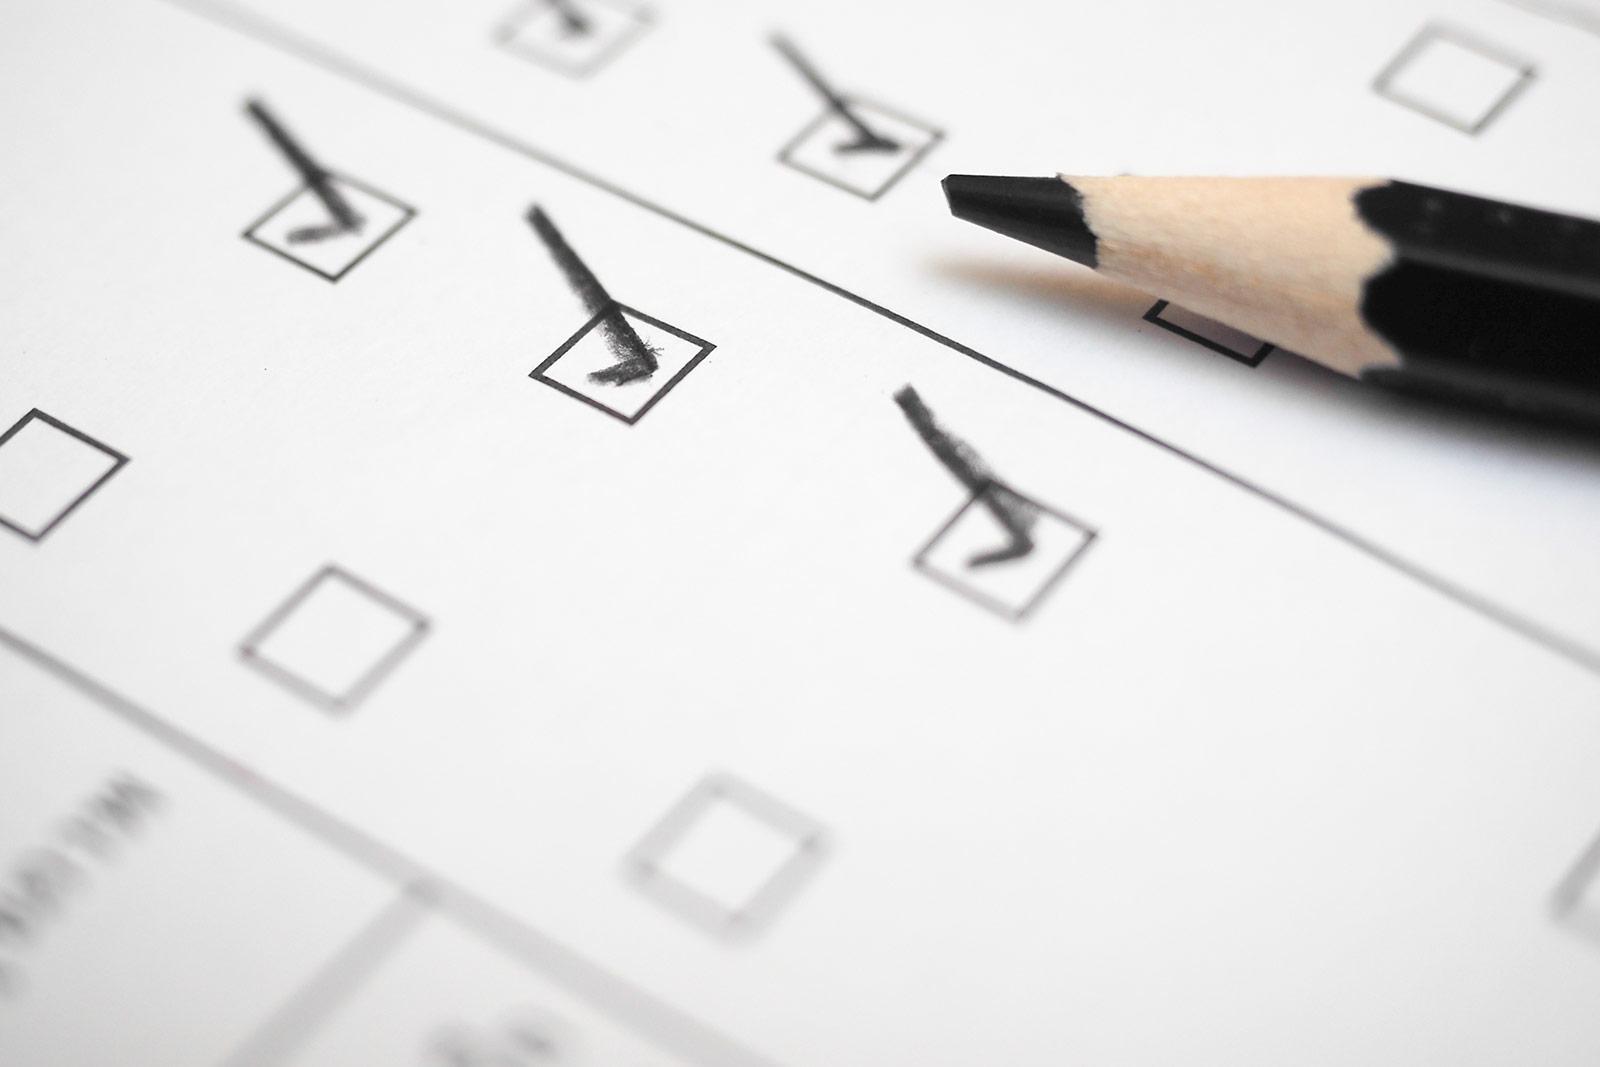 DSGVO Checklist